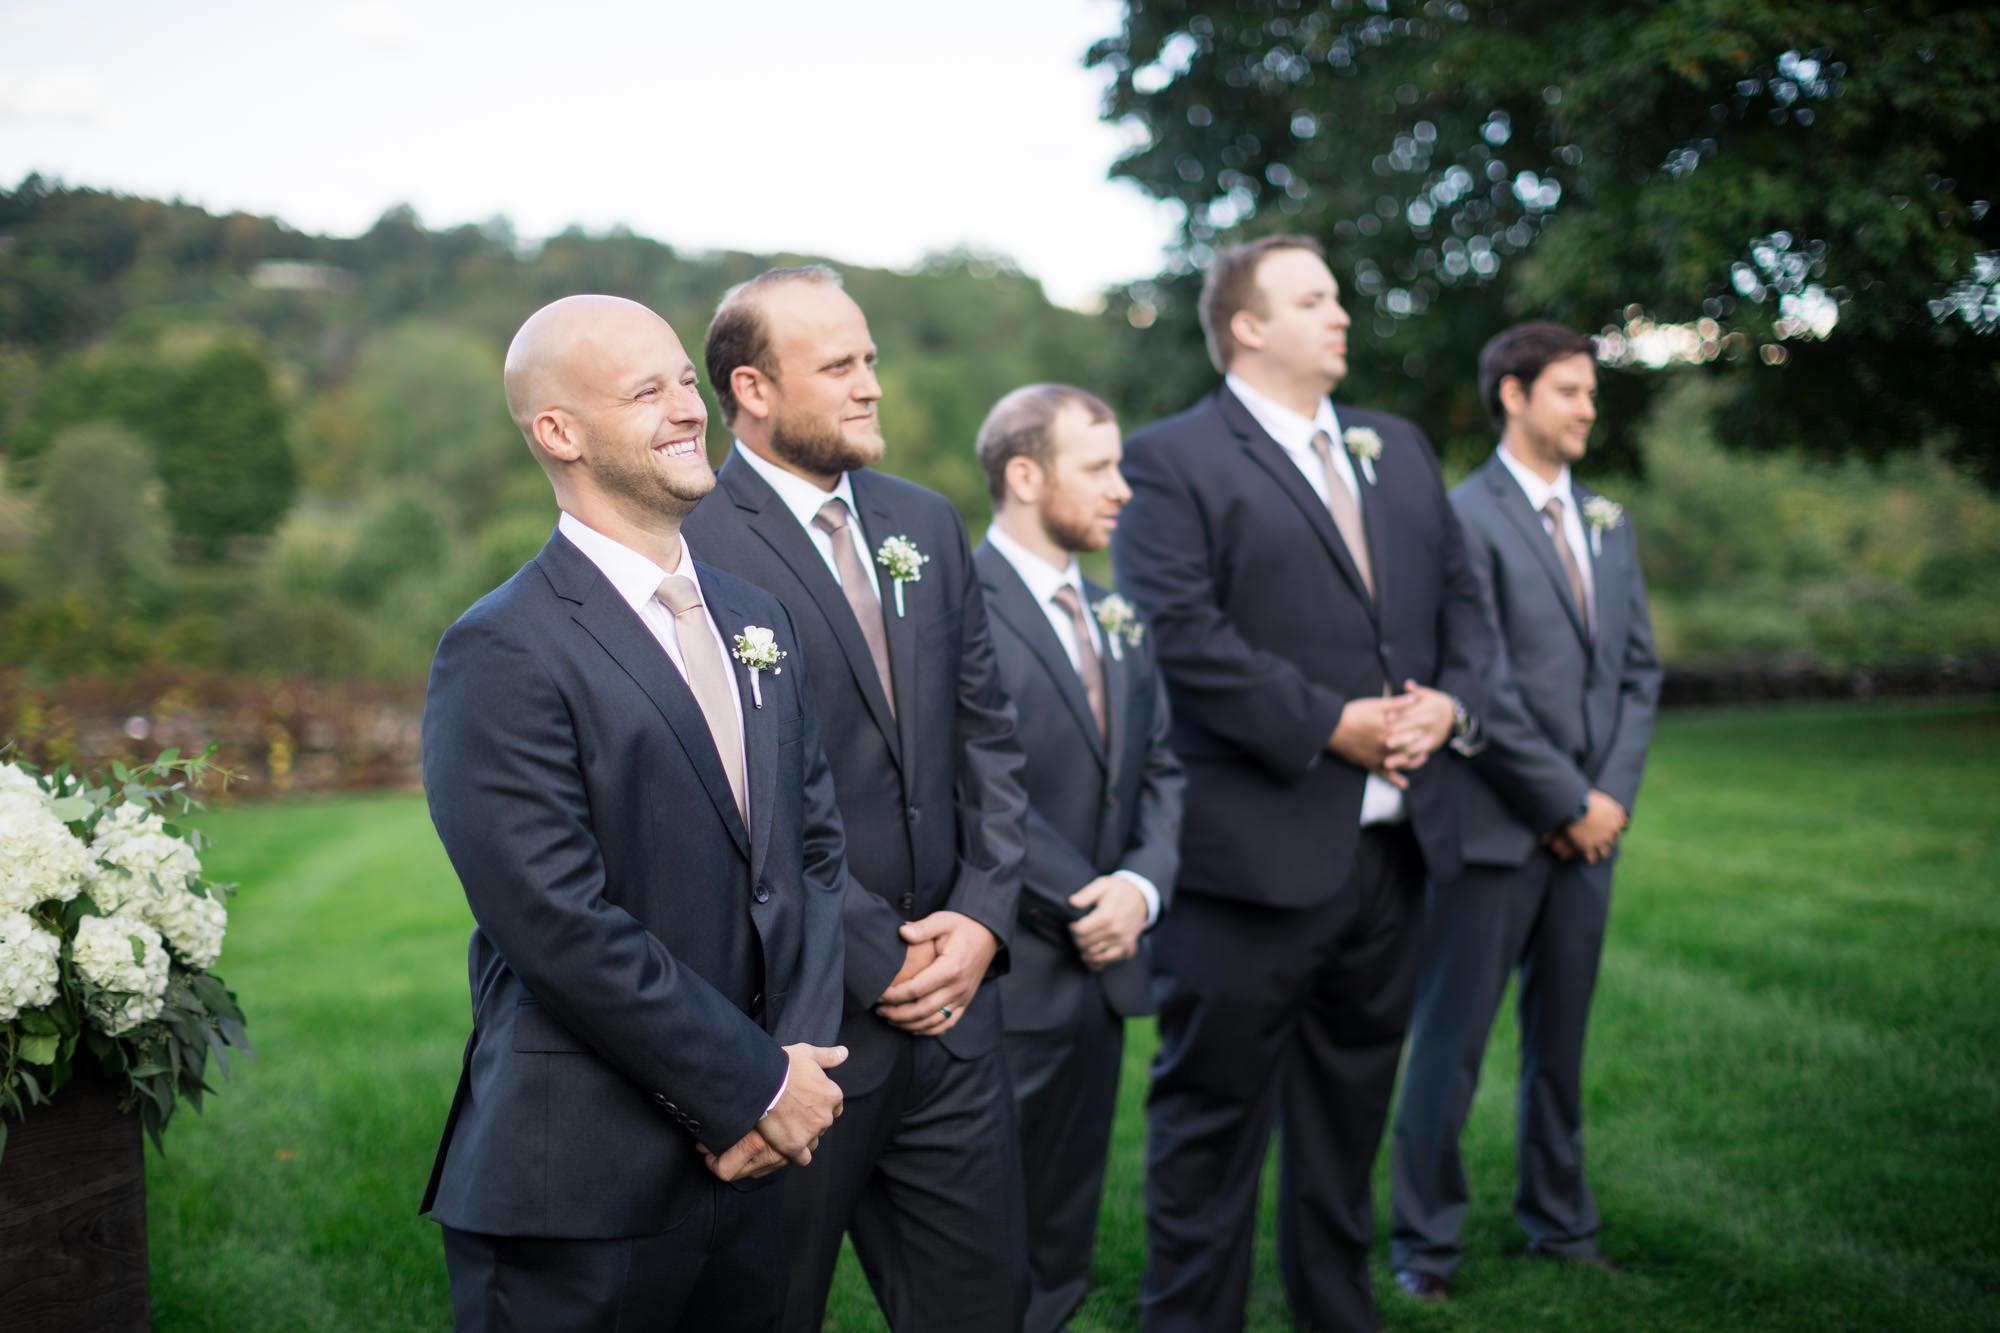 hillstead museum wedding groom sees bride